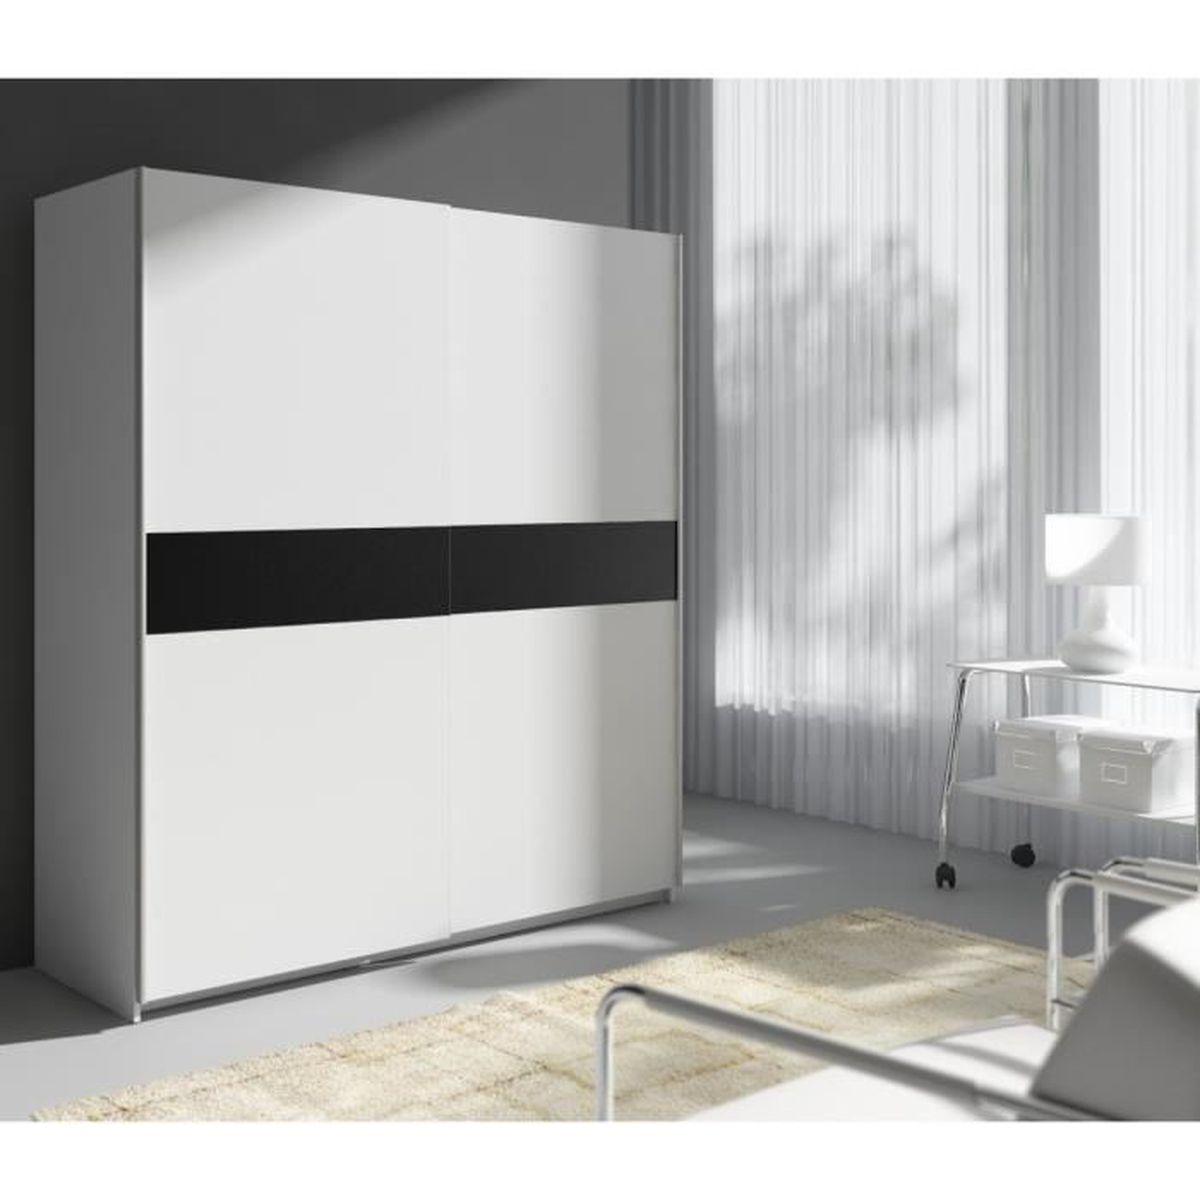 armoire de chambre portes coulissantes avec miroir achat vente armoire de chambre portes. Black Bedroom Furniture Sets. Home Design Ideas